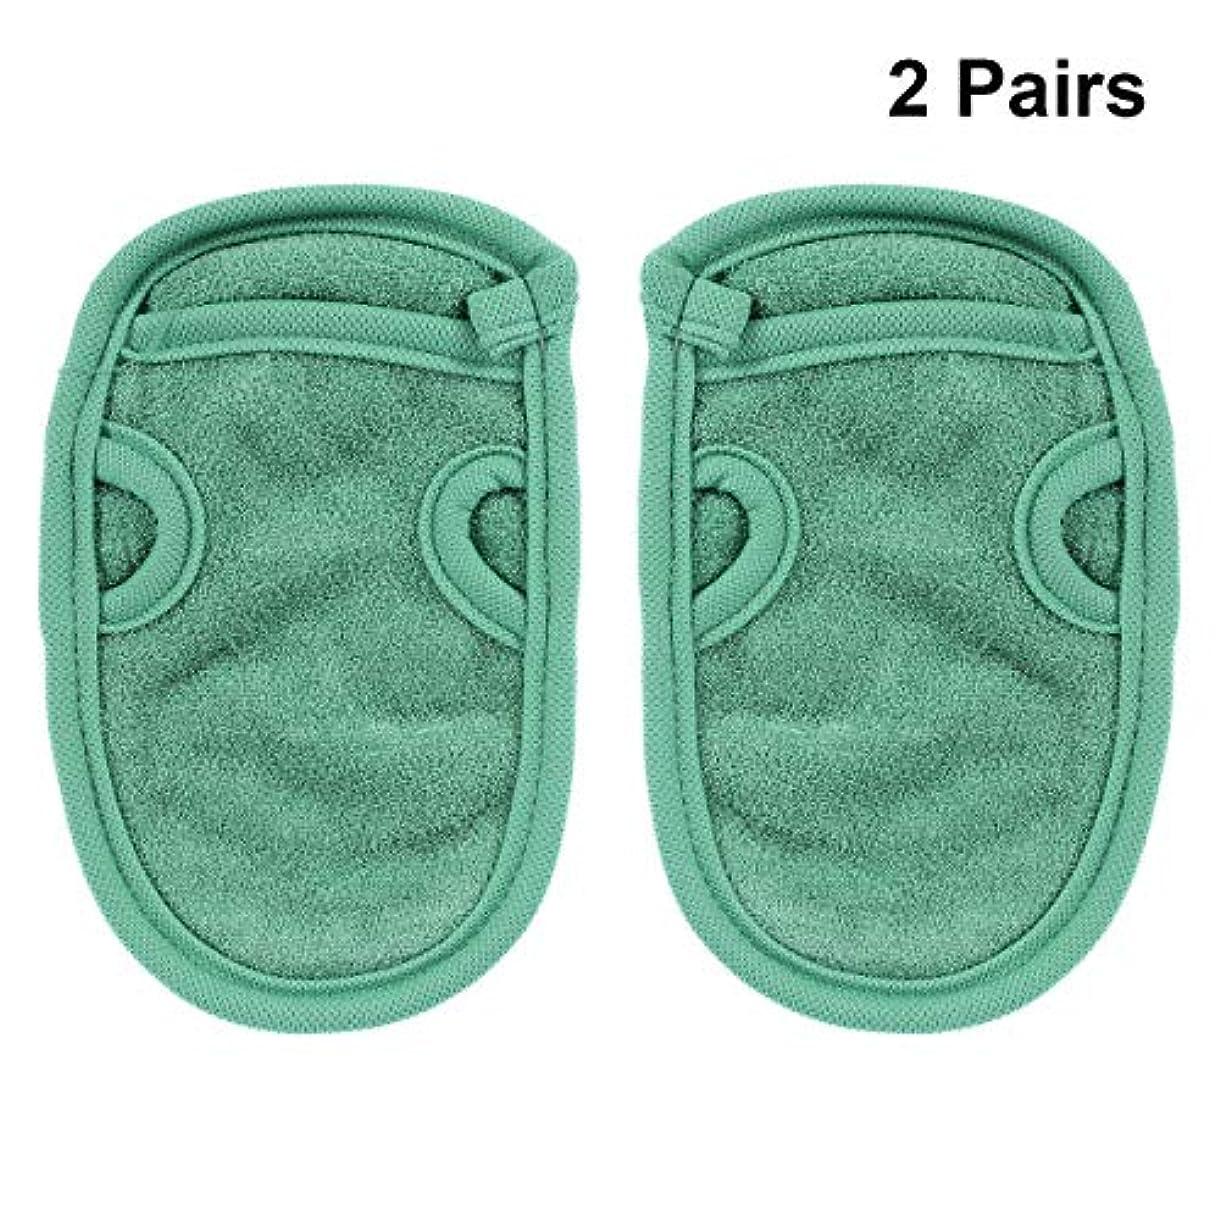 ライバル人生を作る徹底的にHEALIFTY 4本入浴手袋エクスフォリエイティンググローブスパグローブシャワーグローブフェイシャルグローブバスボディスクラブシャワーグローブボディスパ(グリーン)